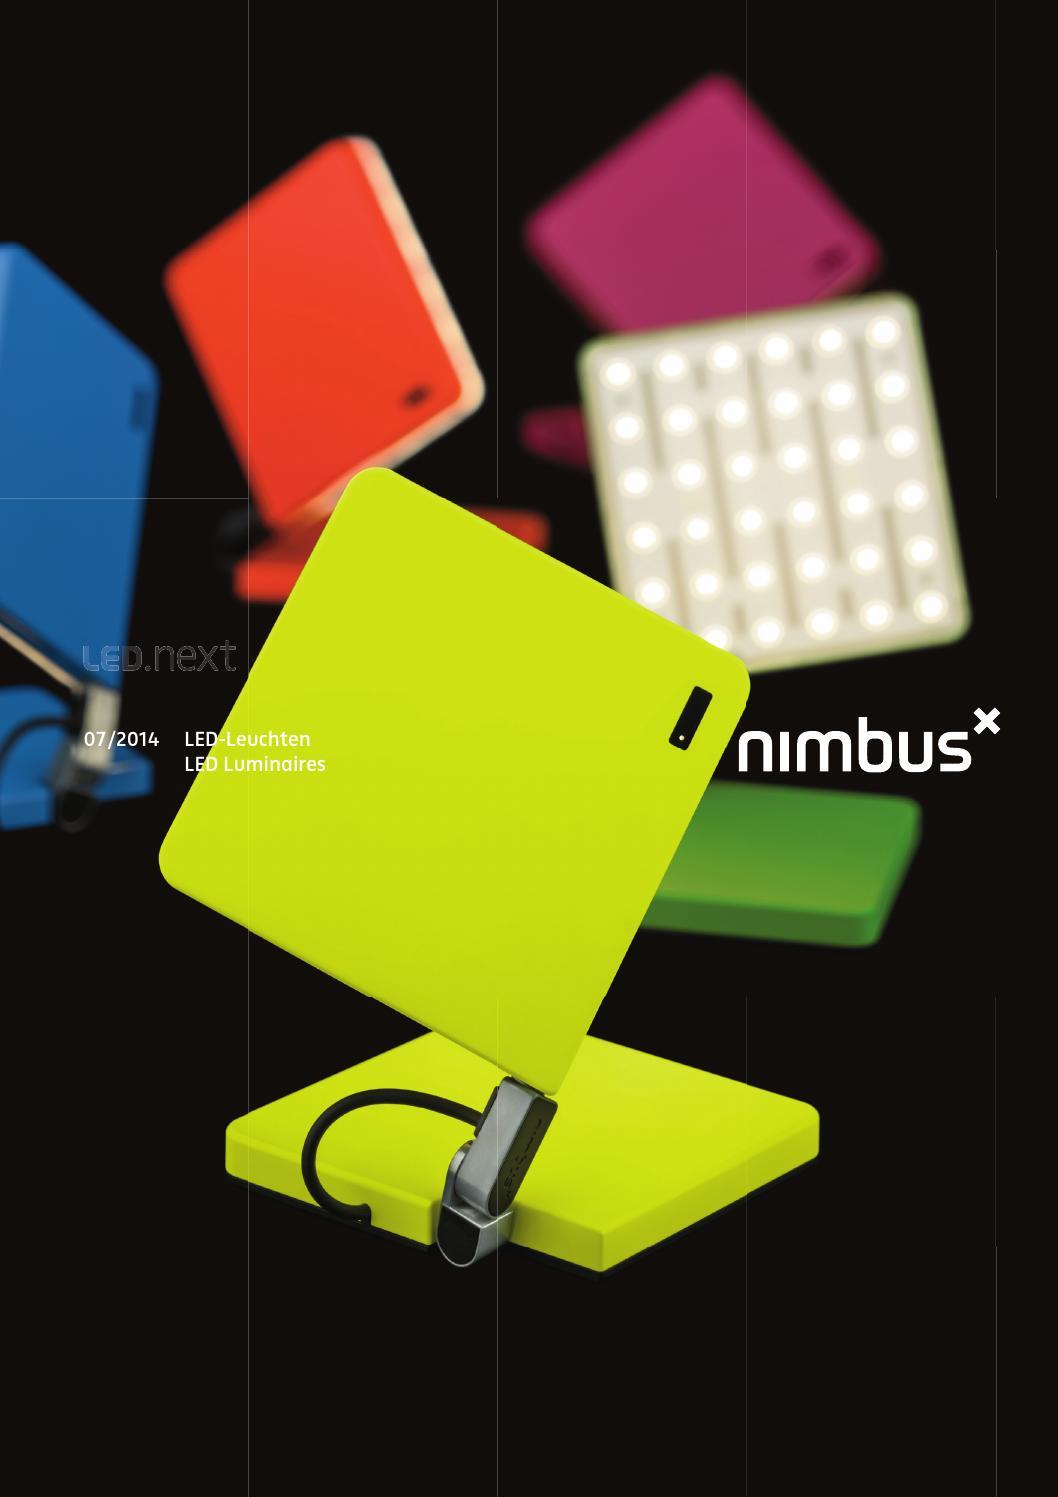 Nimbus Led Next Hauptkatalog 2014 By Proluma Ag Issuu